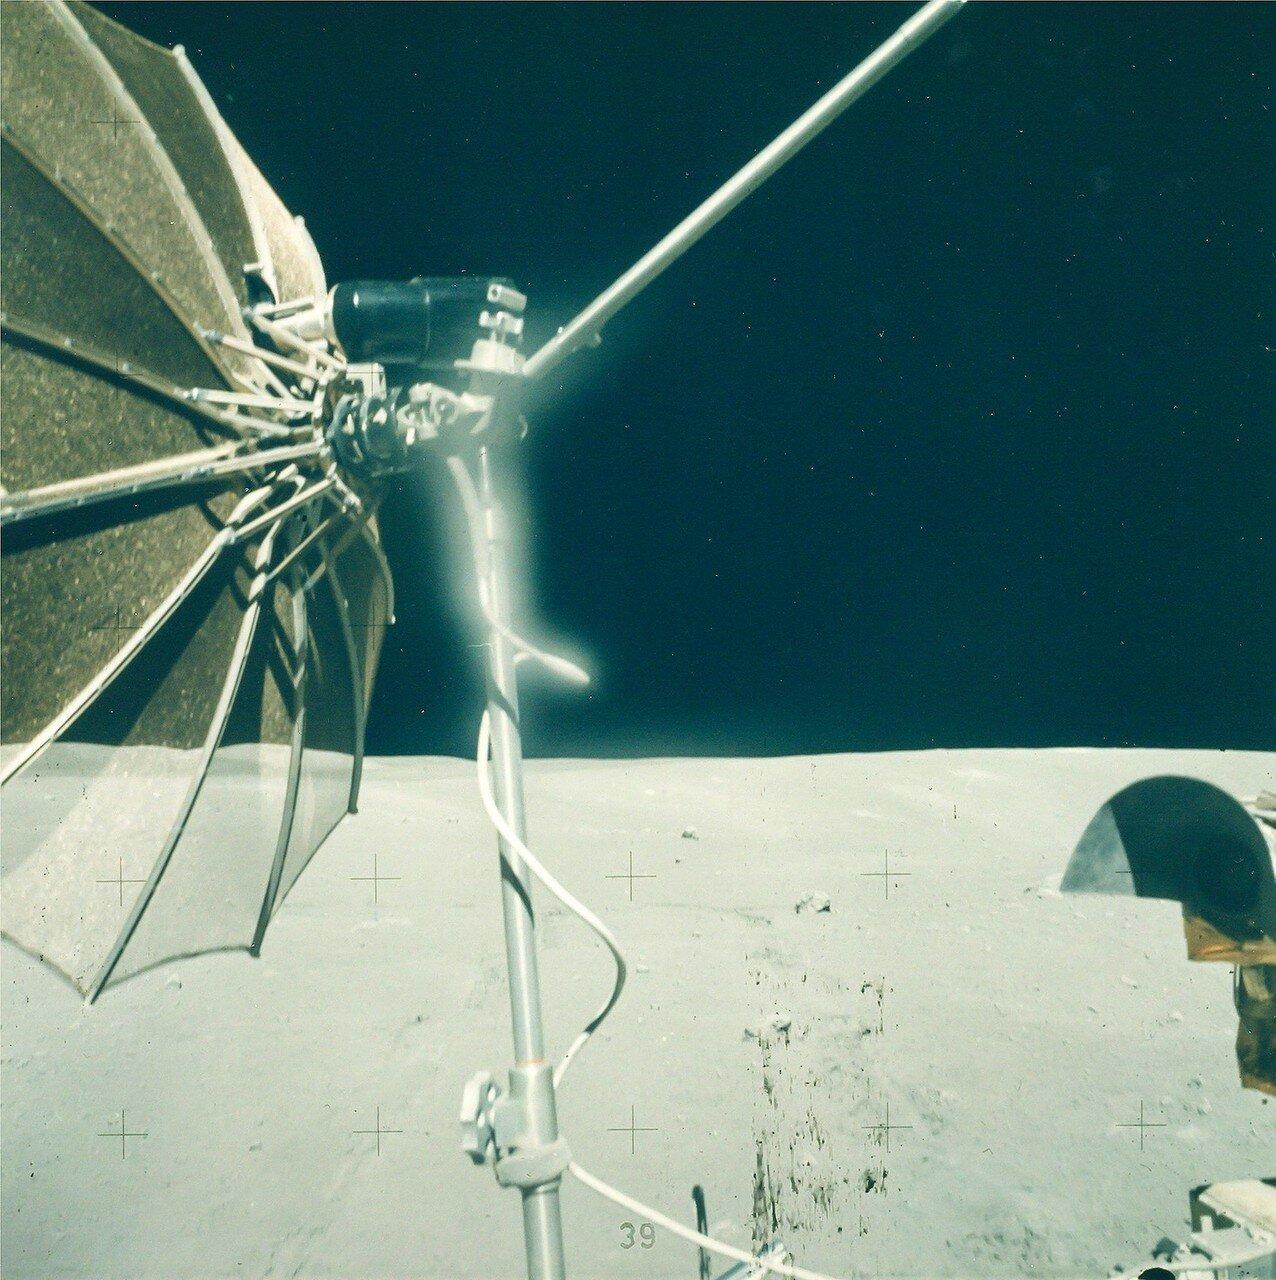 Янг, объехав кратер, отвёз «Ровер» на место последней стоянки и поставил его примерно в 90 метрах прямо позади (восточнее) лунного модуля, чтобы его телевизионная камера могла показать старт взлётной ступени «Ориона» с Луны  На снимке: Антенна «Ровера»